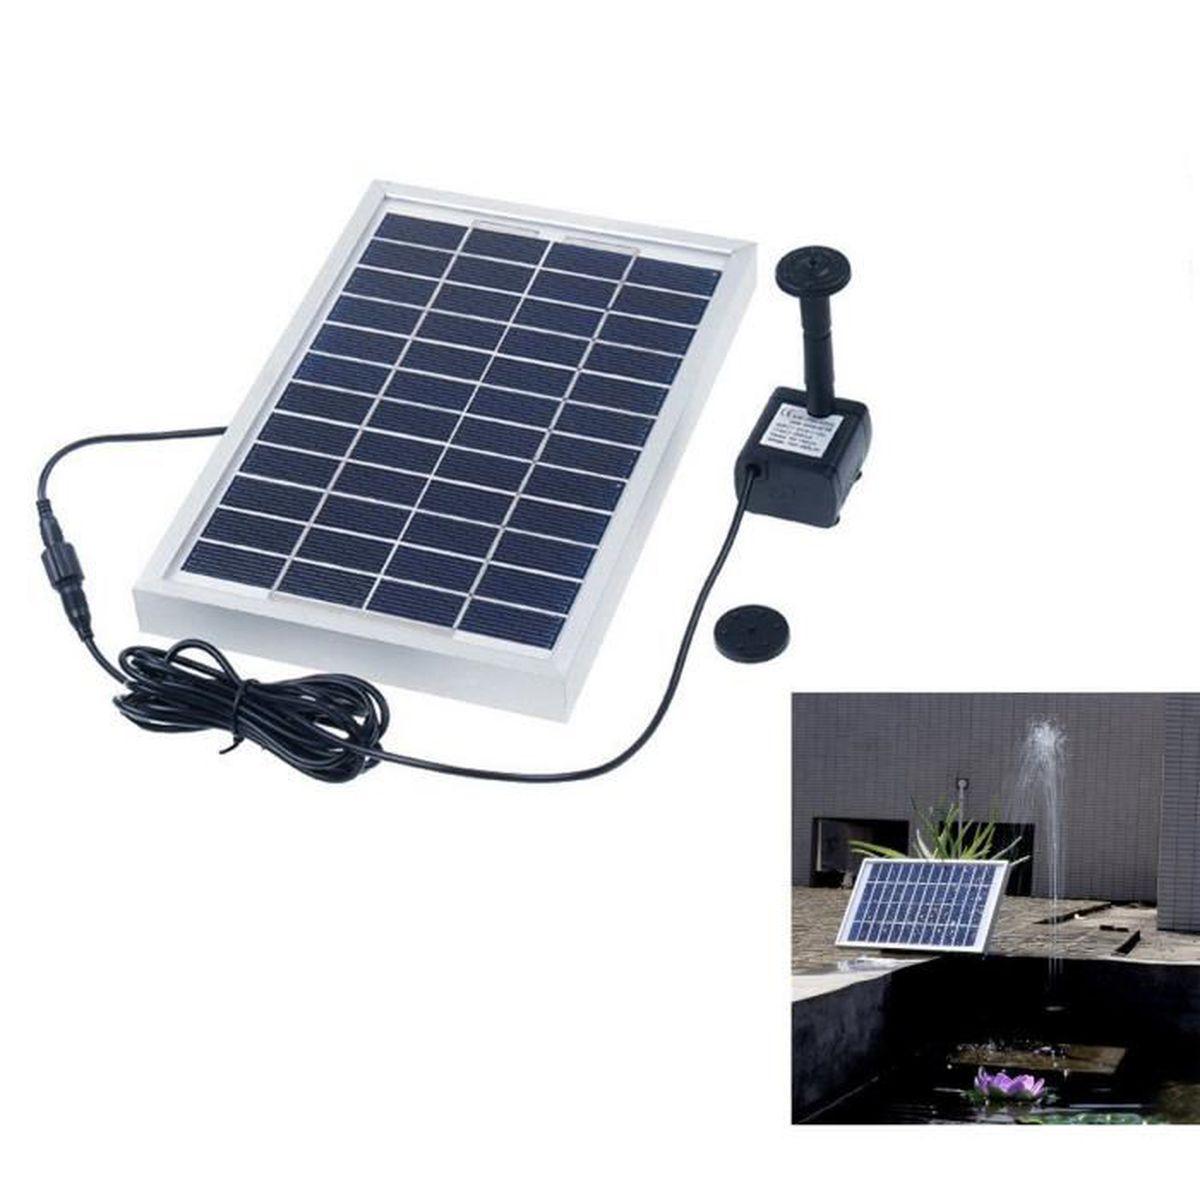 5w 380l h solaire panneau fontaine etanche pompe eau ext rieur jardin d cor achat vente. Black Bedroom Furniture Sets. Home Design Ideas